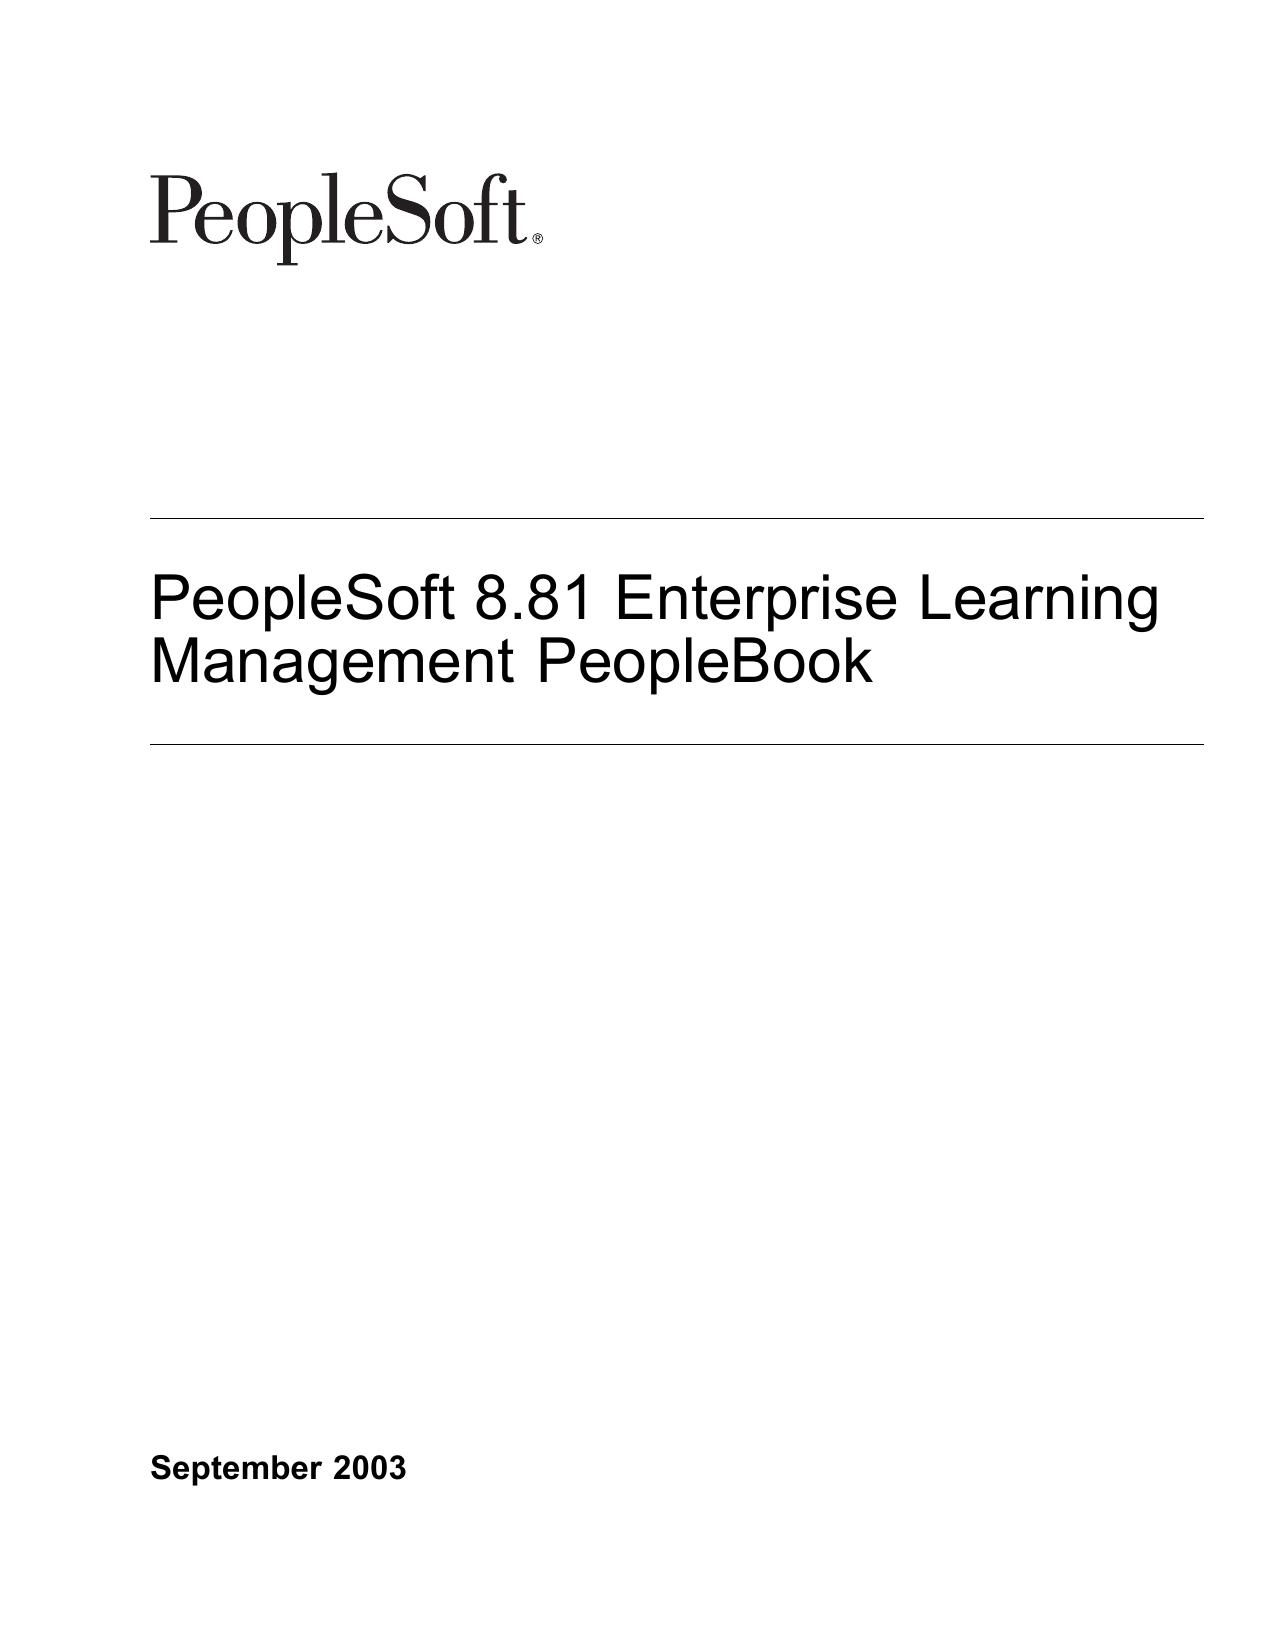 Elm 9.1 Peoplebooks Pdf